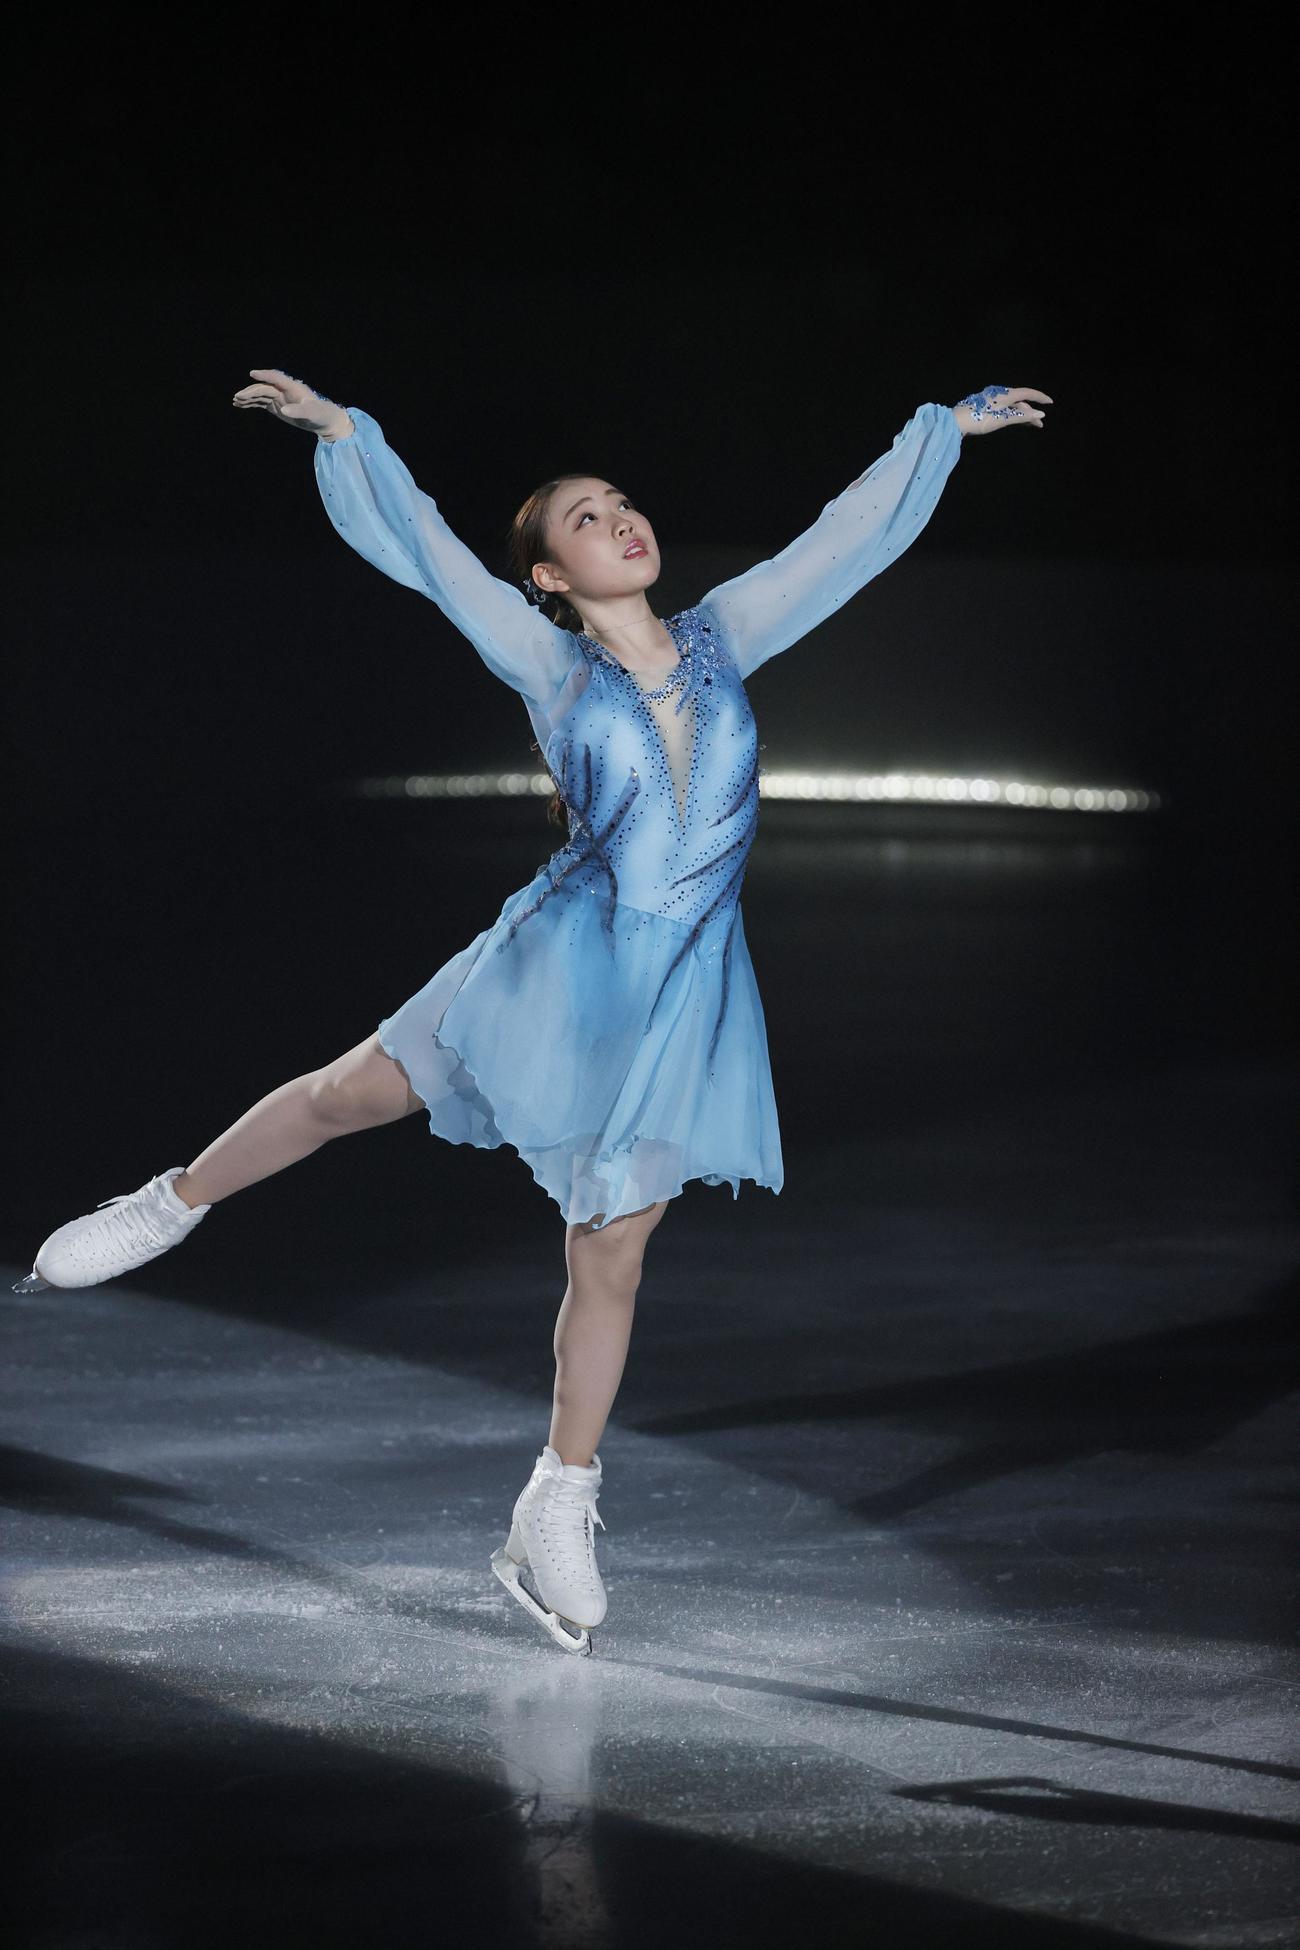 ザ・アイスで演技する紀平梨花(C)THE ICE 2021/Koichi Nakamura